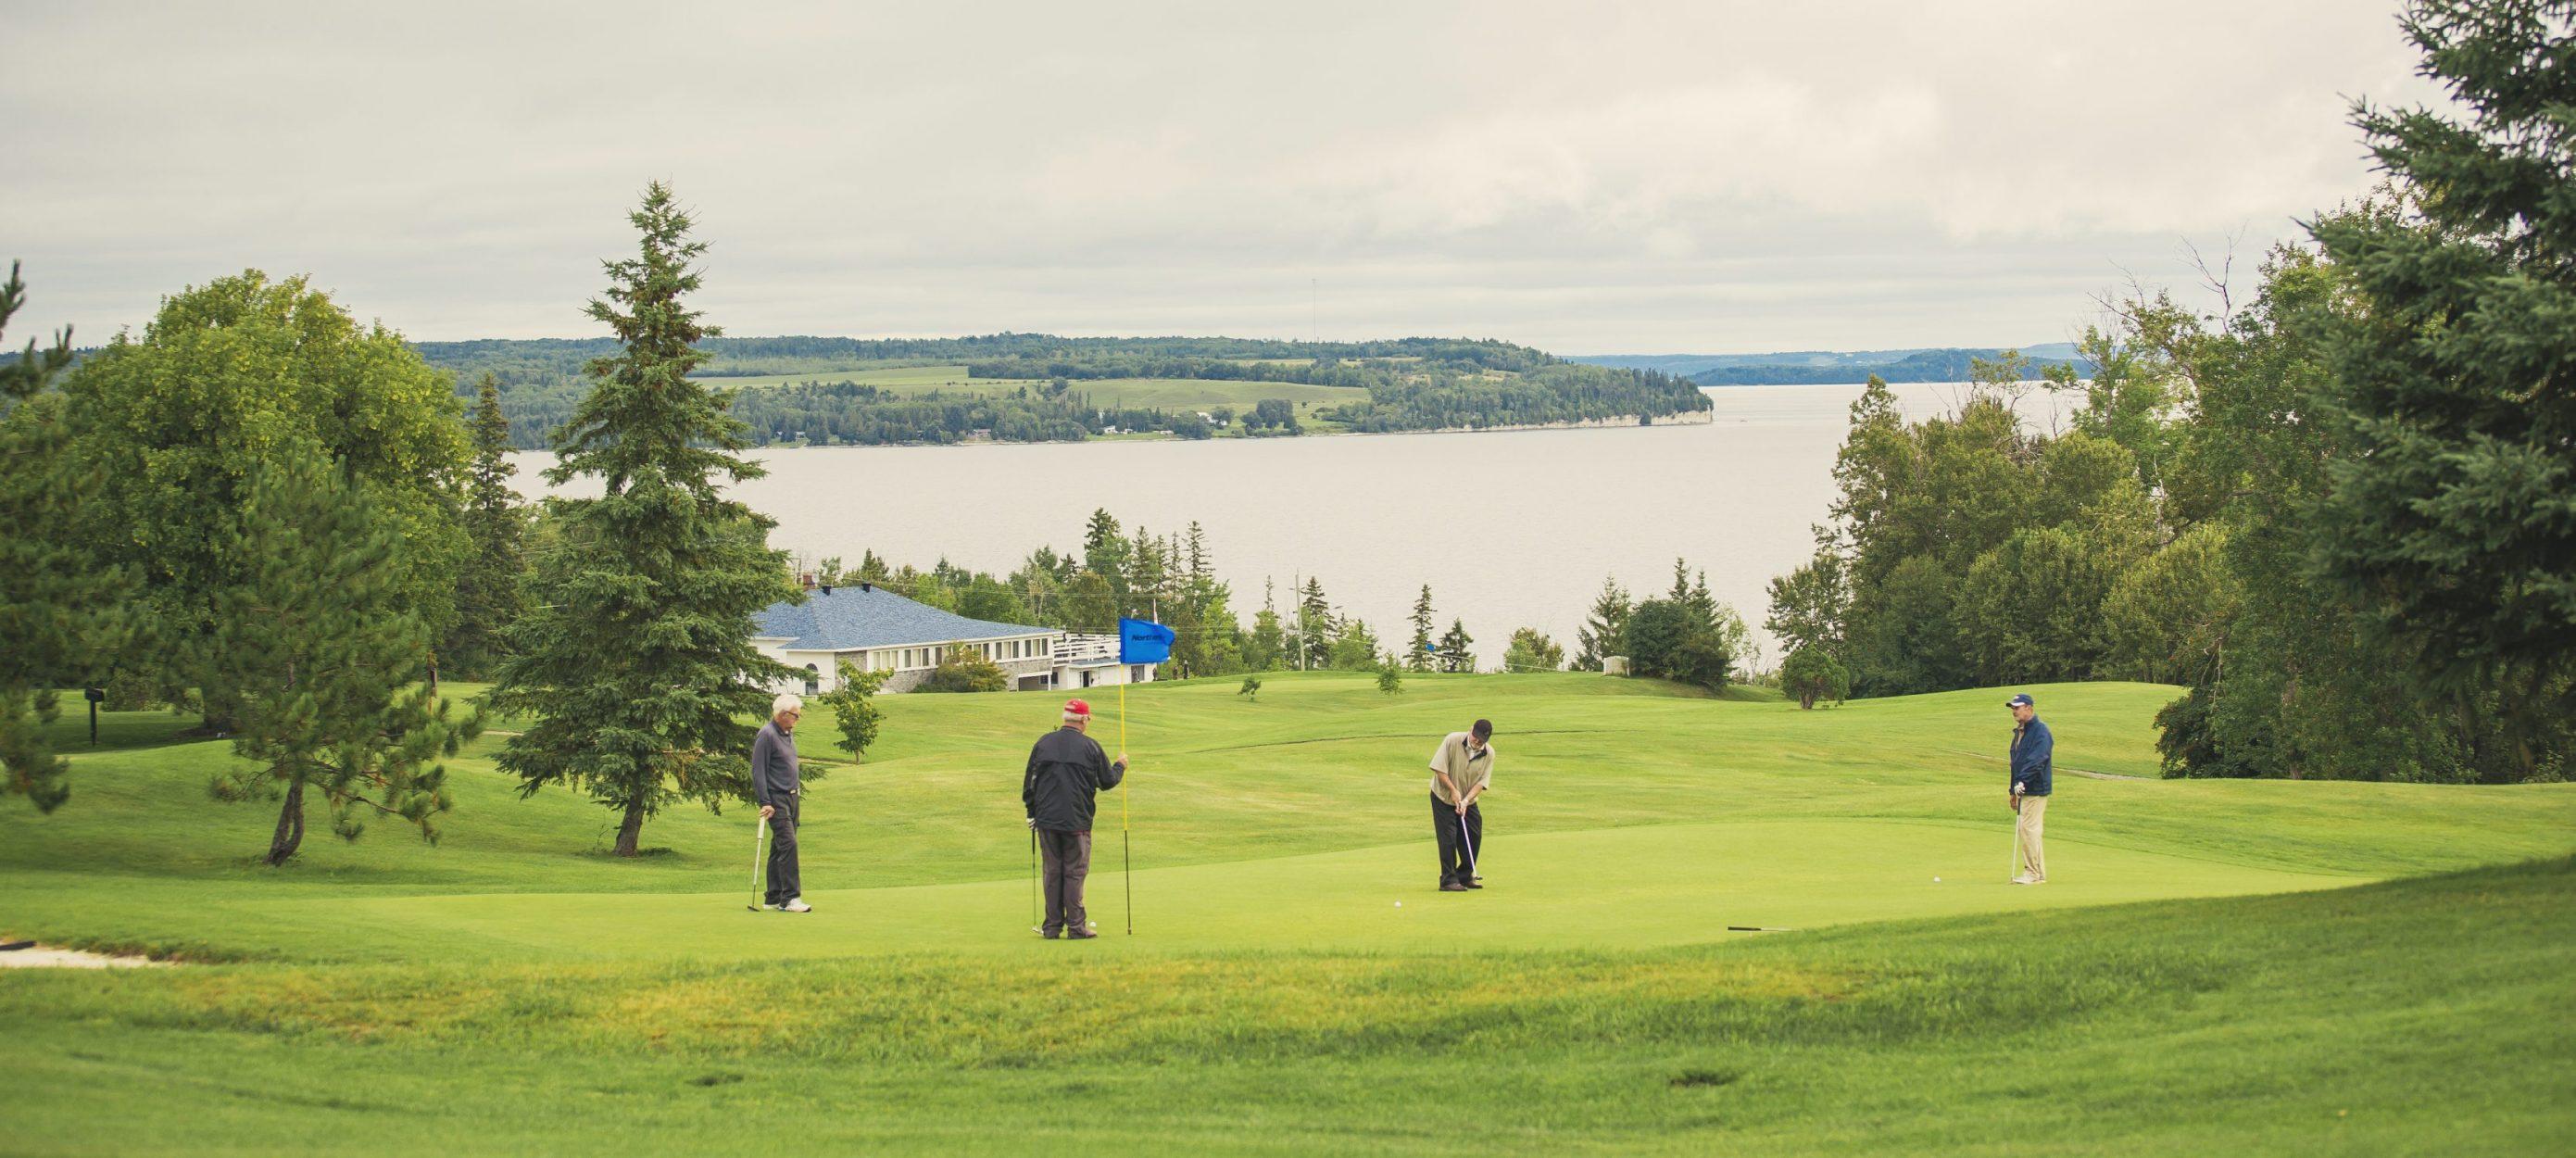 Haileybury Historic Golf course with beautiful views of Lake Temiaksming / club de golf historique de Haileybury avec magnifiques vues du lac Témiskaming